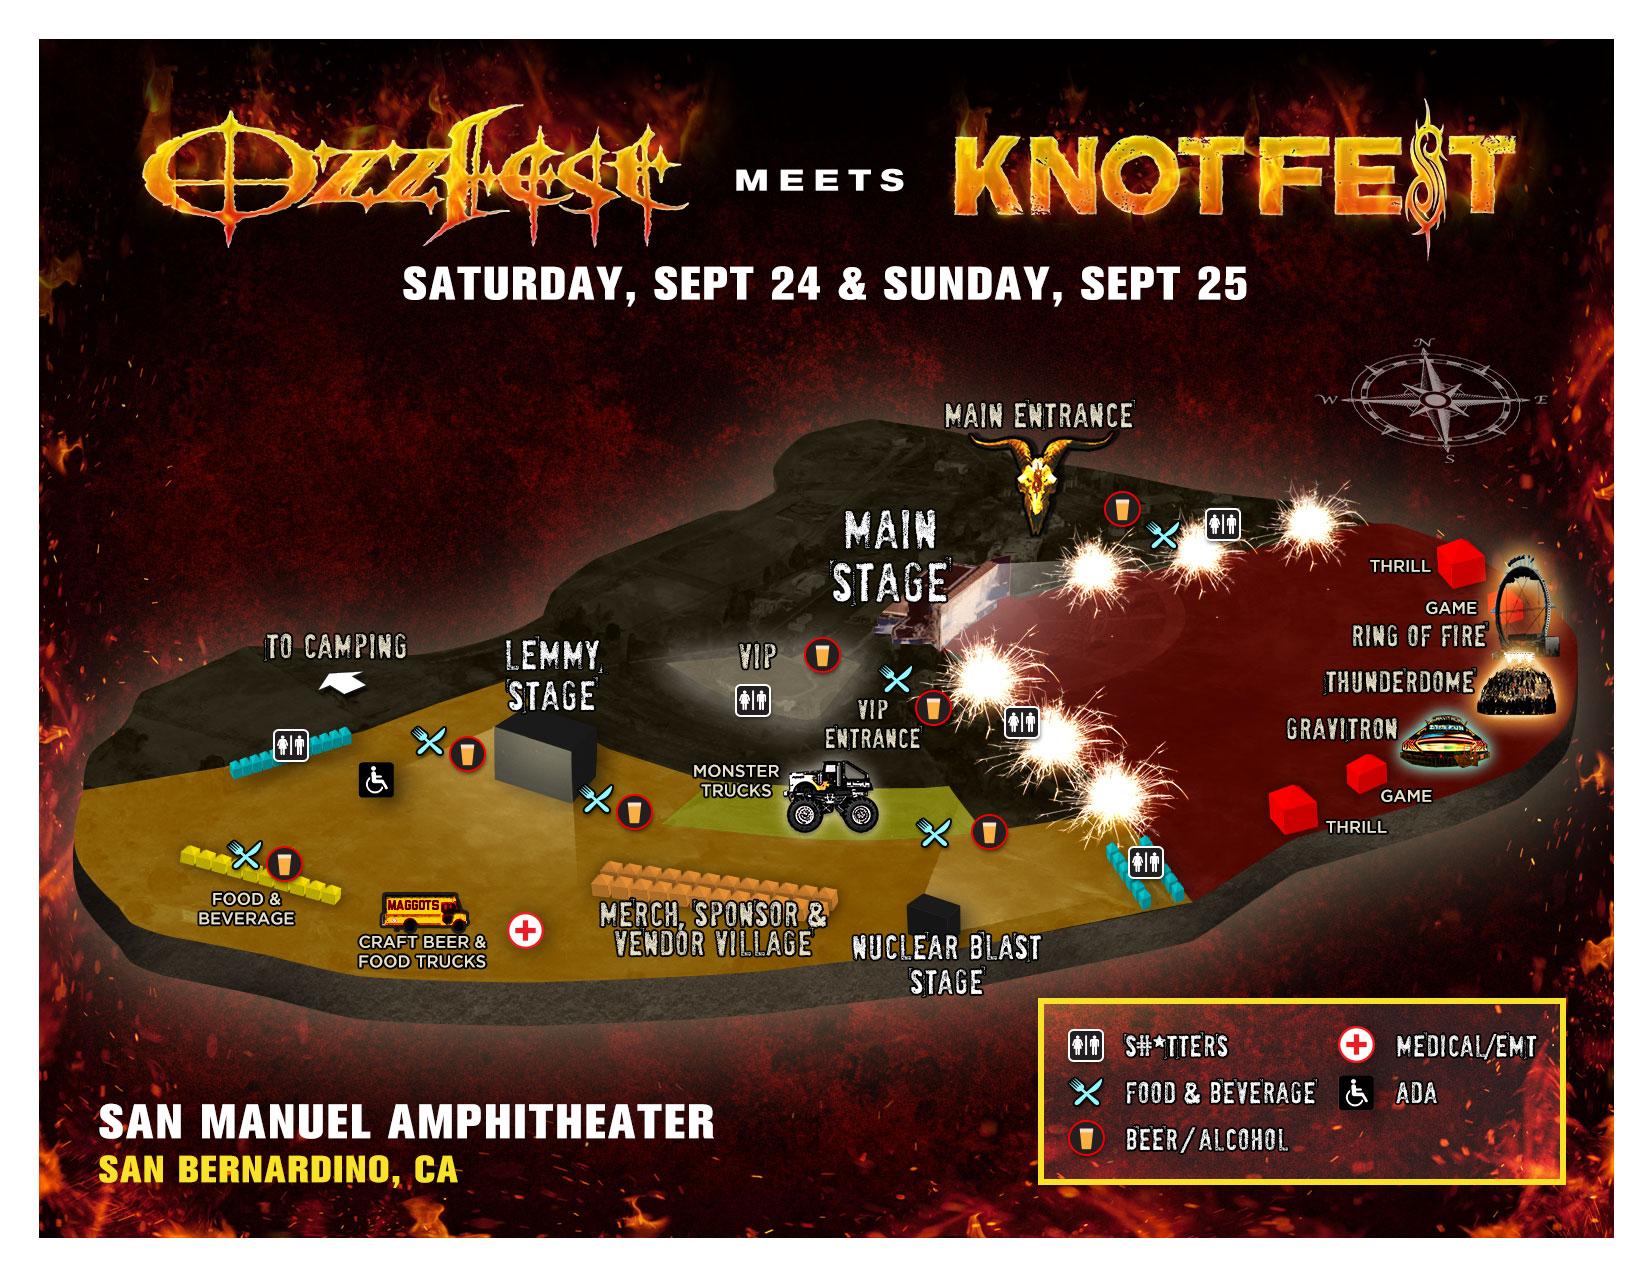 Ozzfest Meets Knotfest 2016 Map